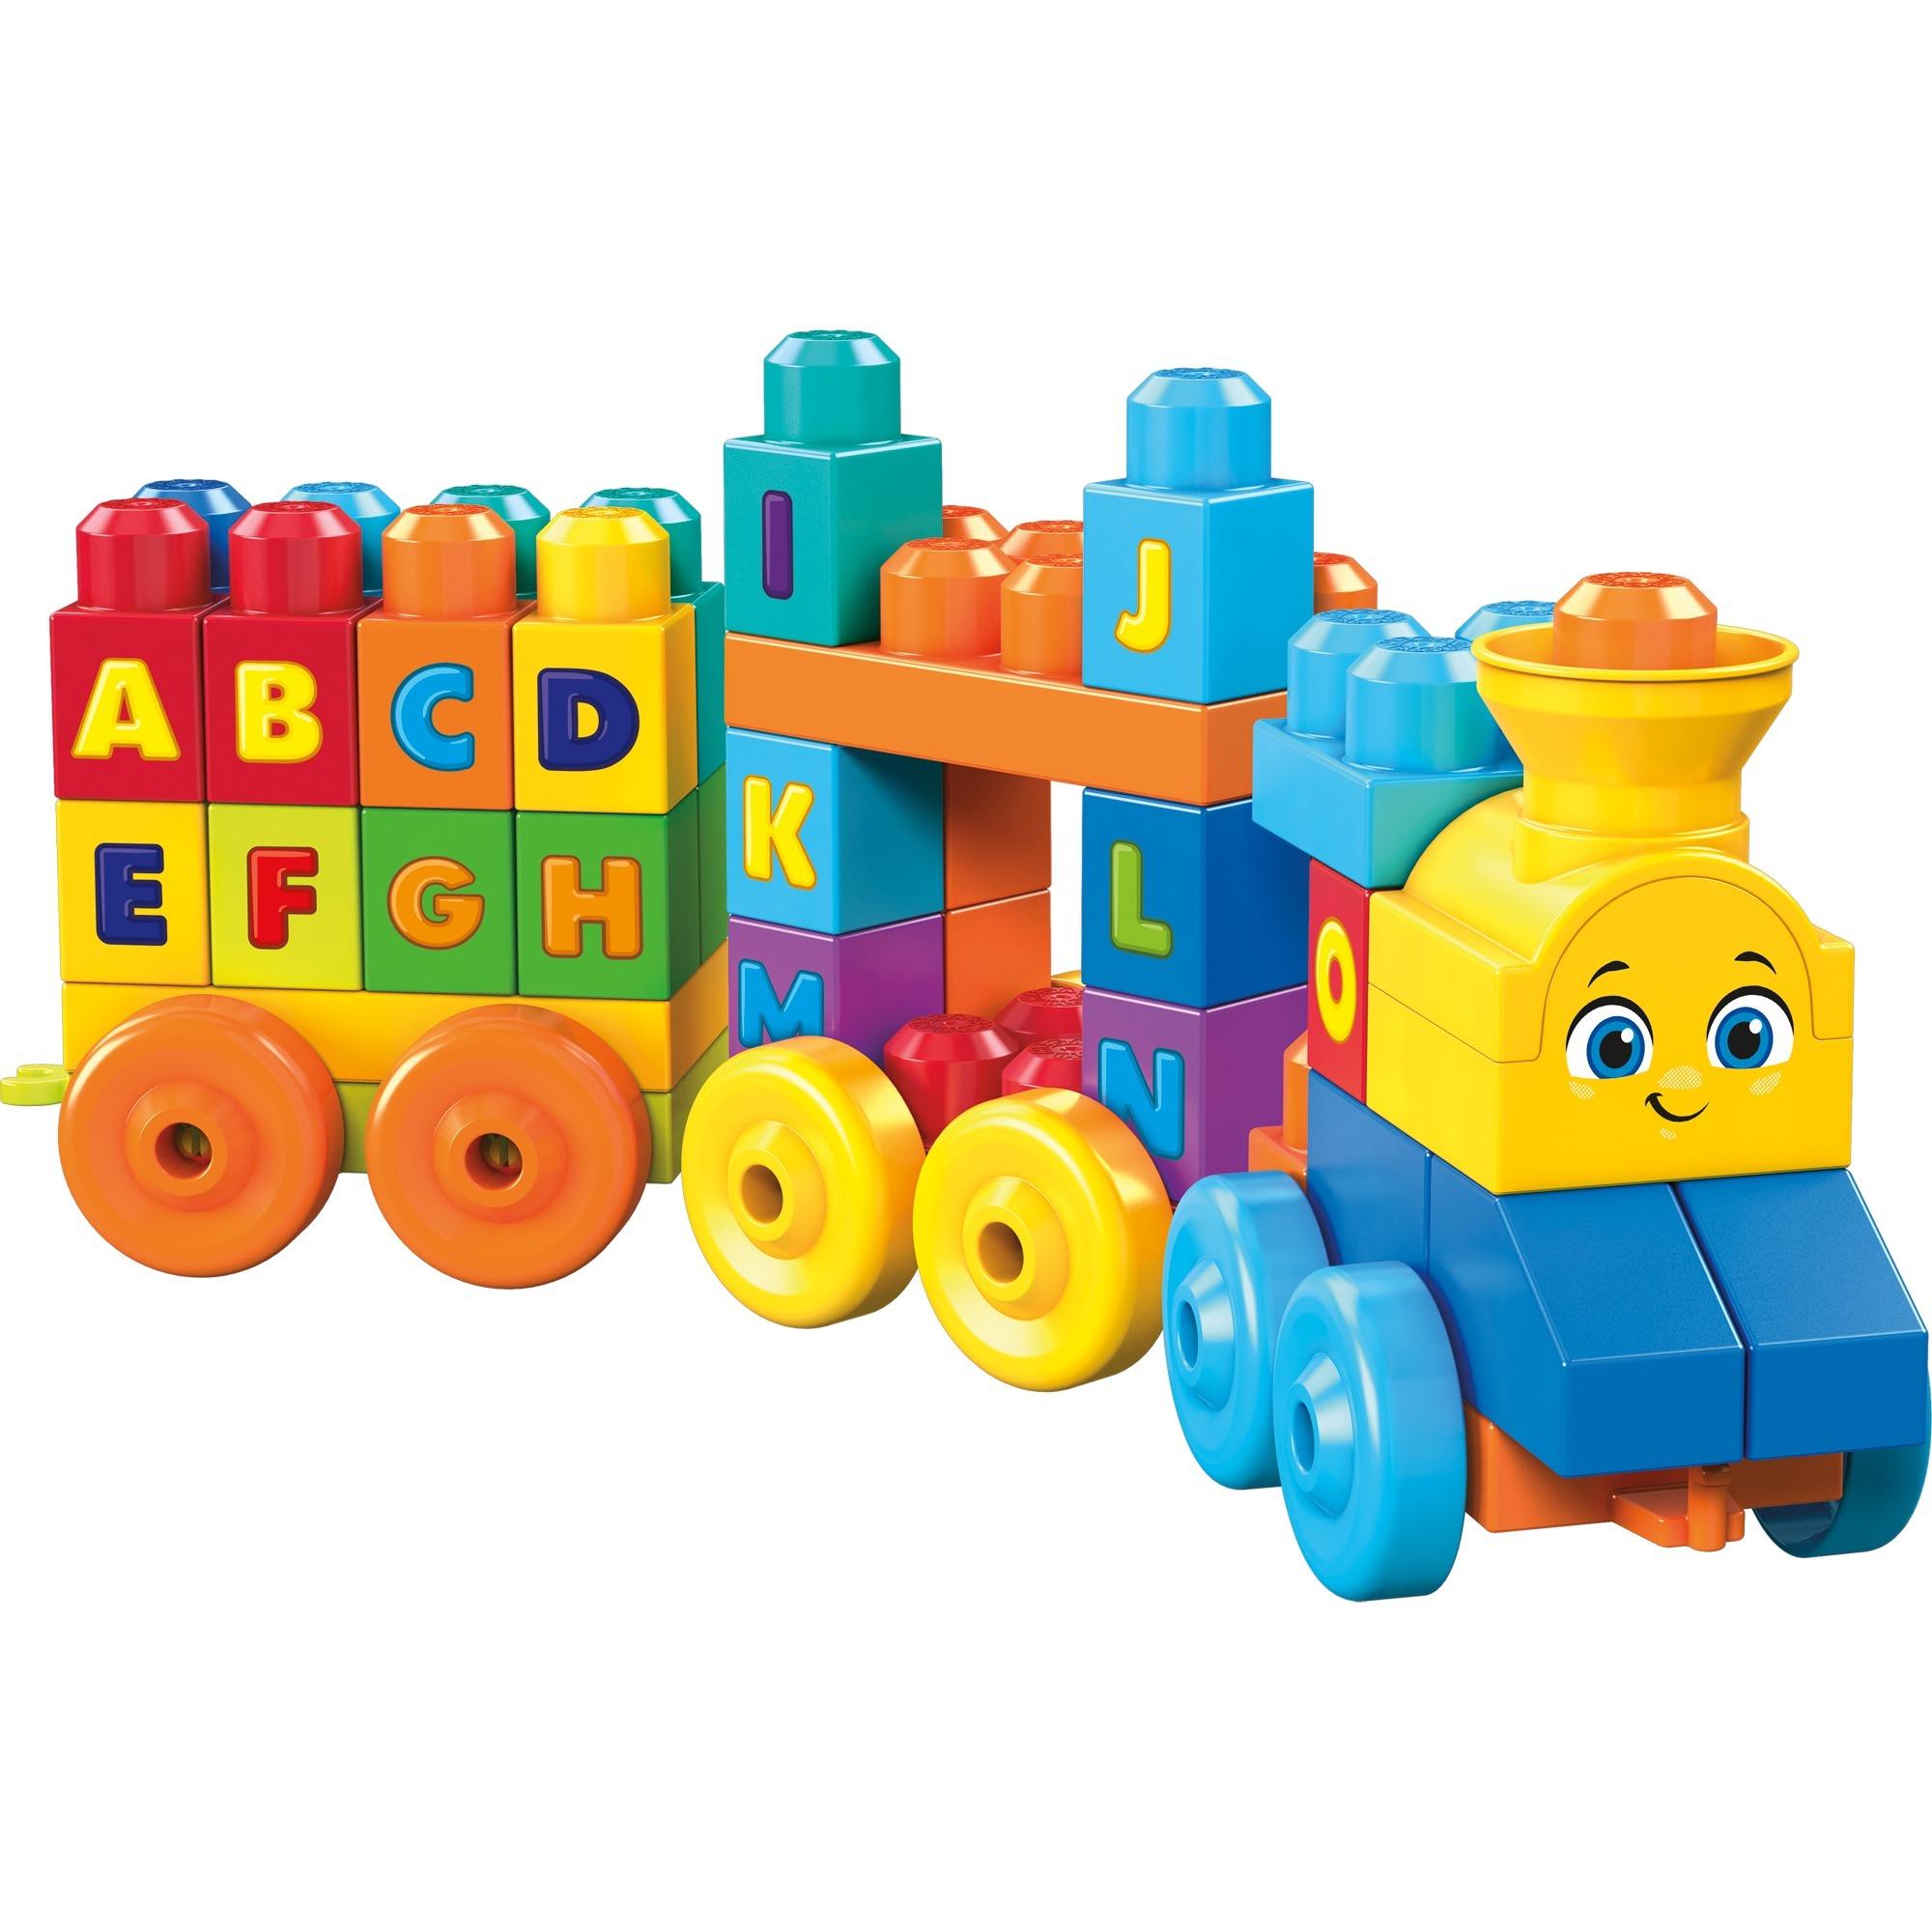 FWK22 bloque de construcción de juguete 50 pieza(s), Juegos de construcción